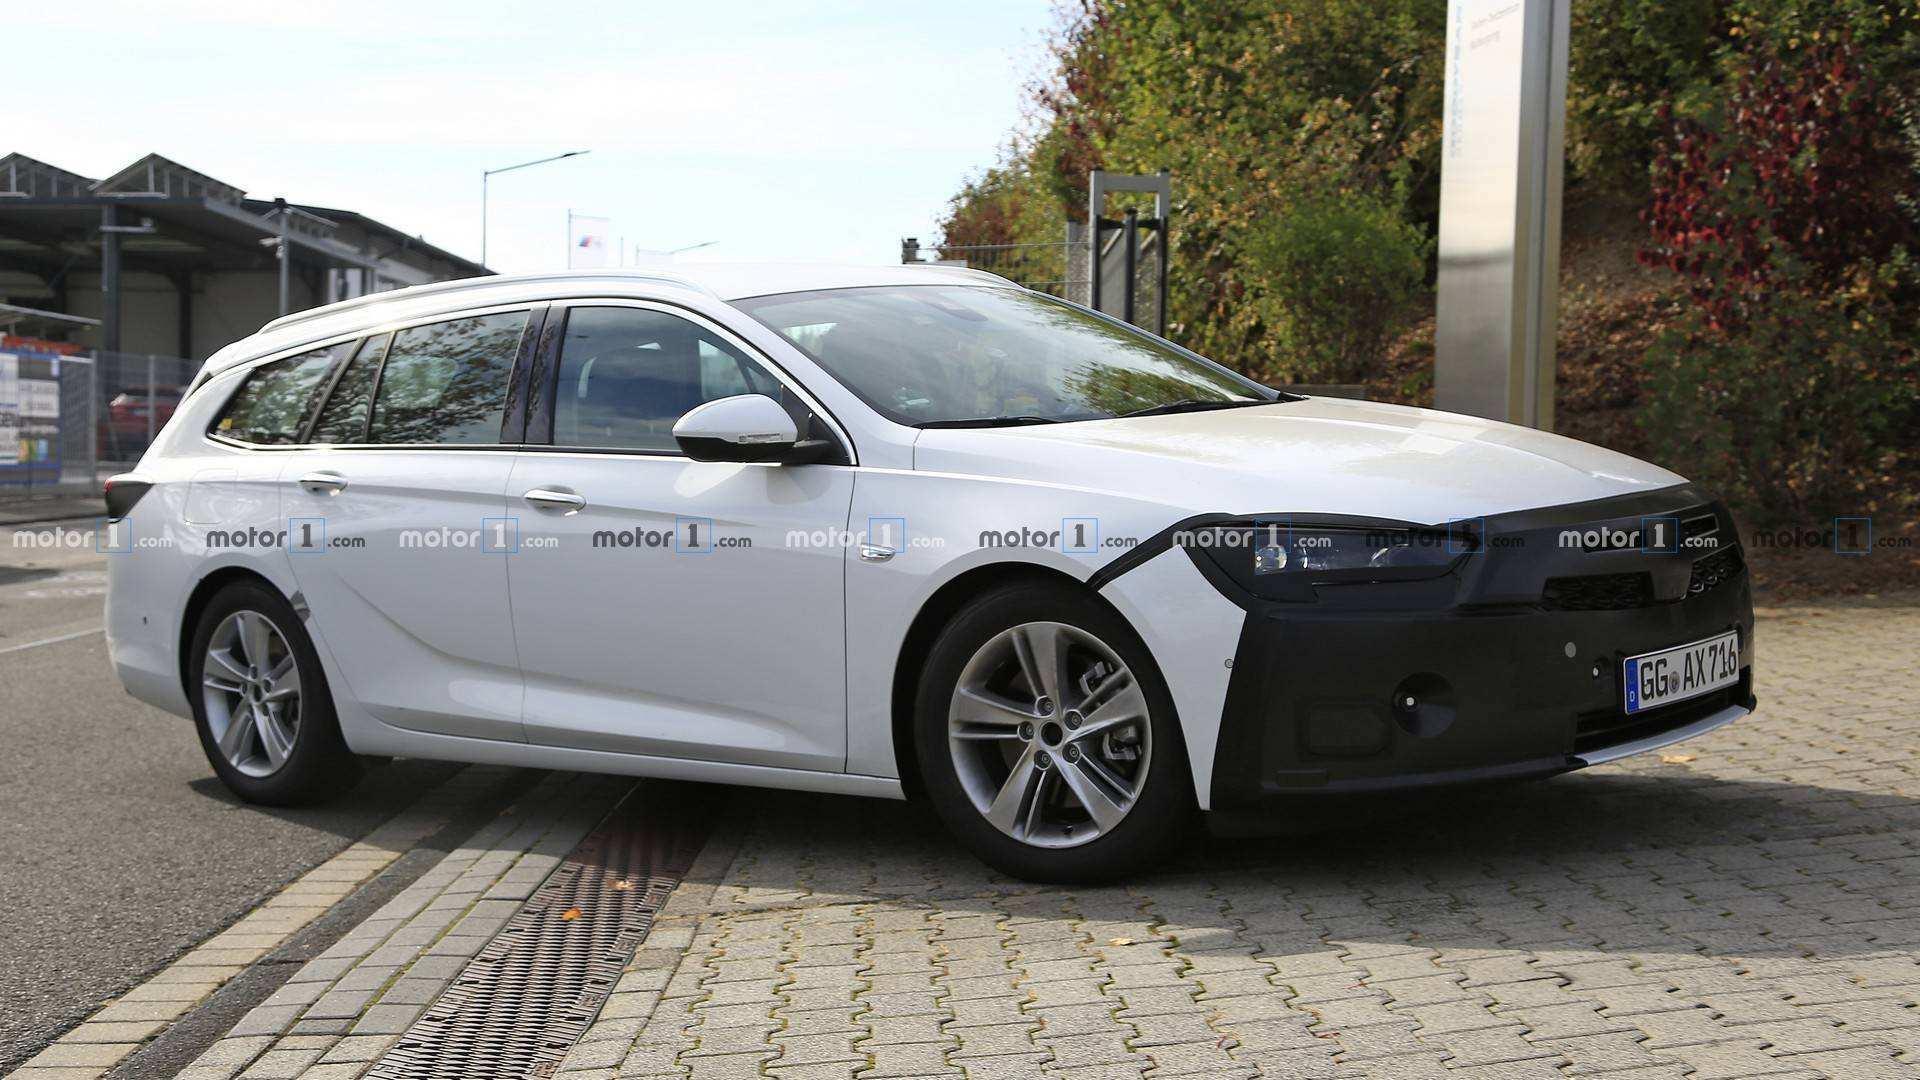 96 The Opel Opc 2020 Release Date for Opel Opc 2020